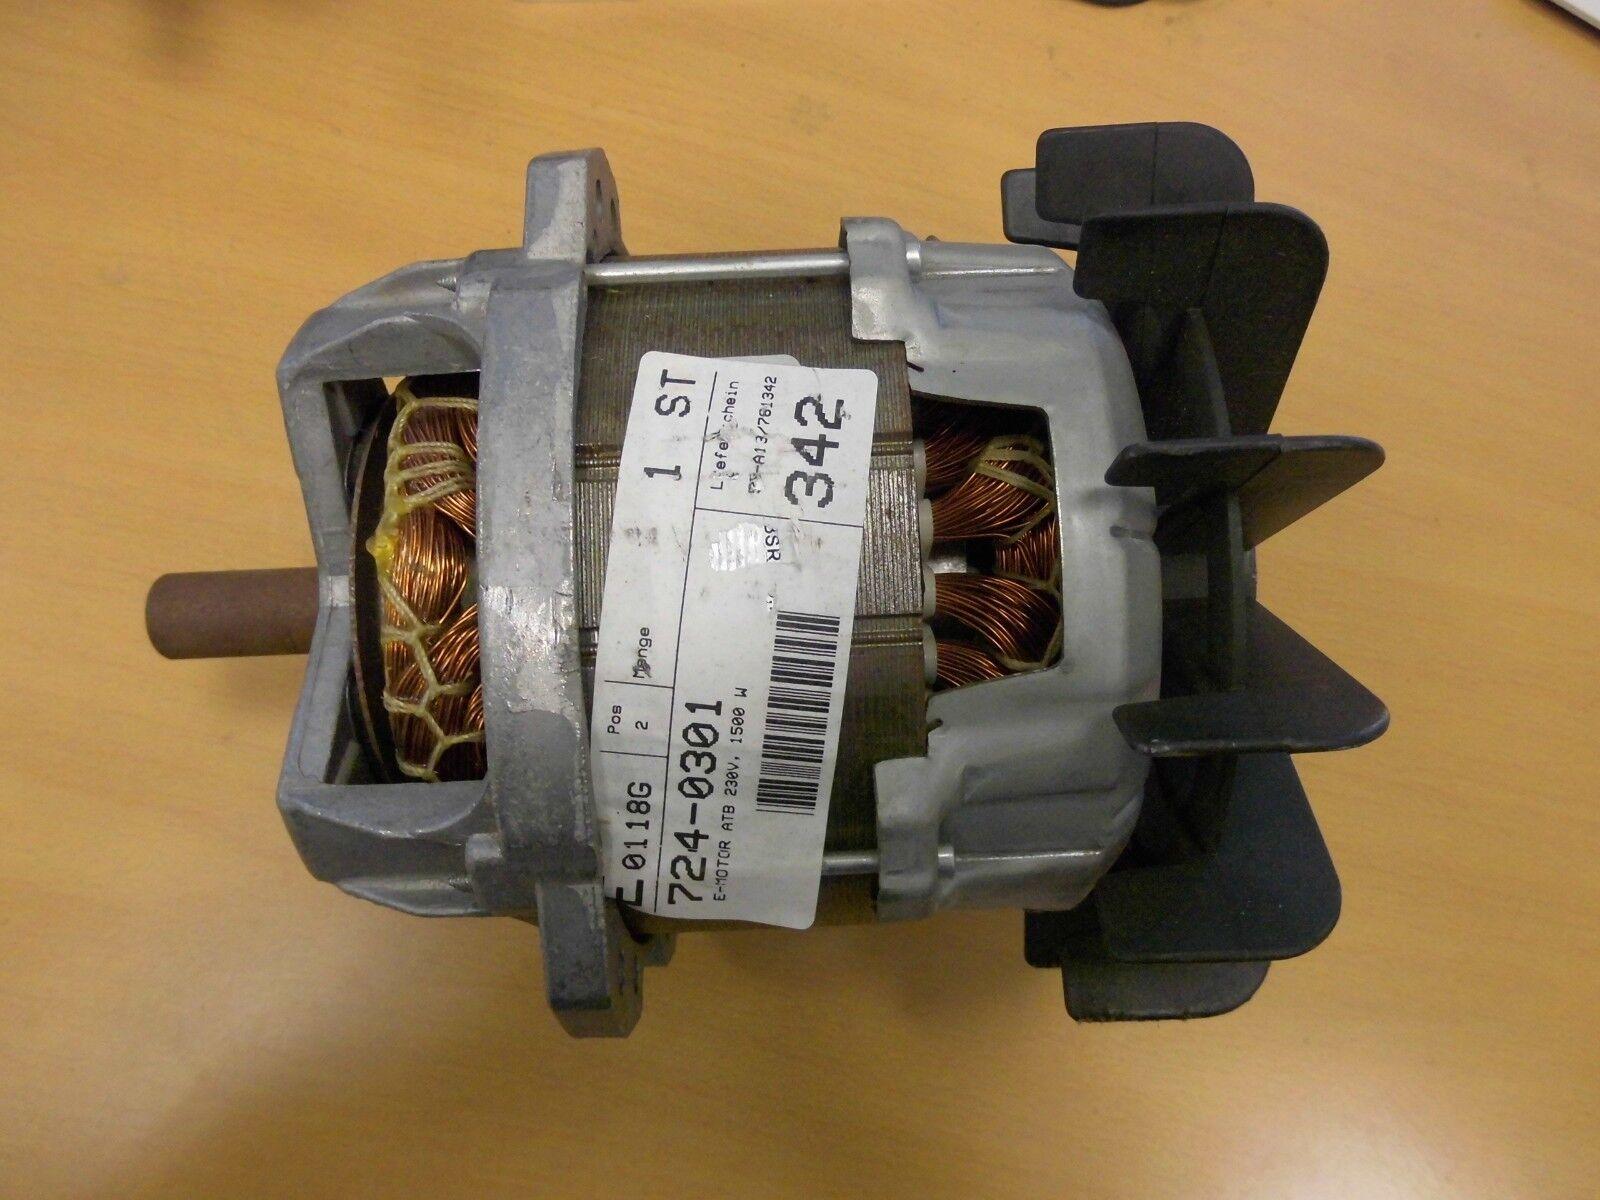 MTD Motor Eléctrico Atb 230V 1500W 724-0301 Nuevo 2. Elección